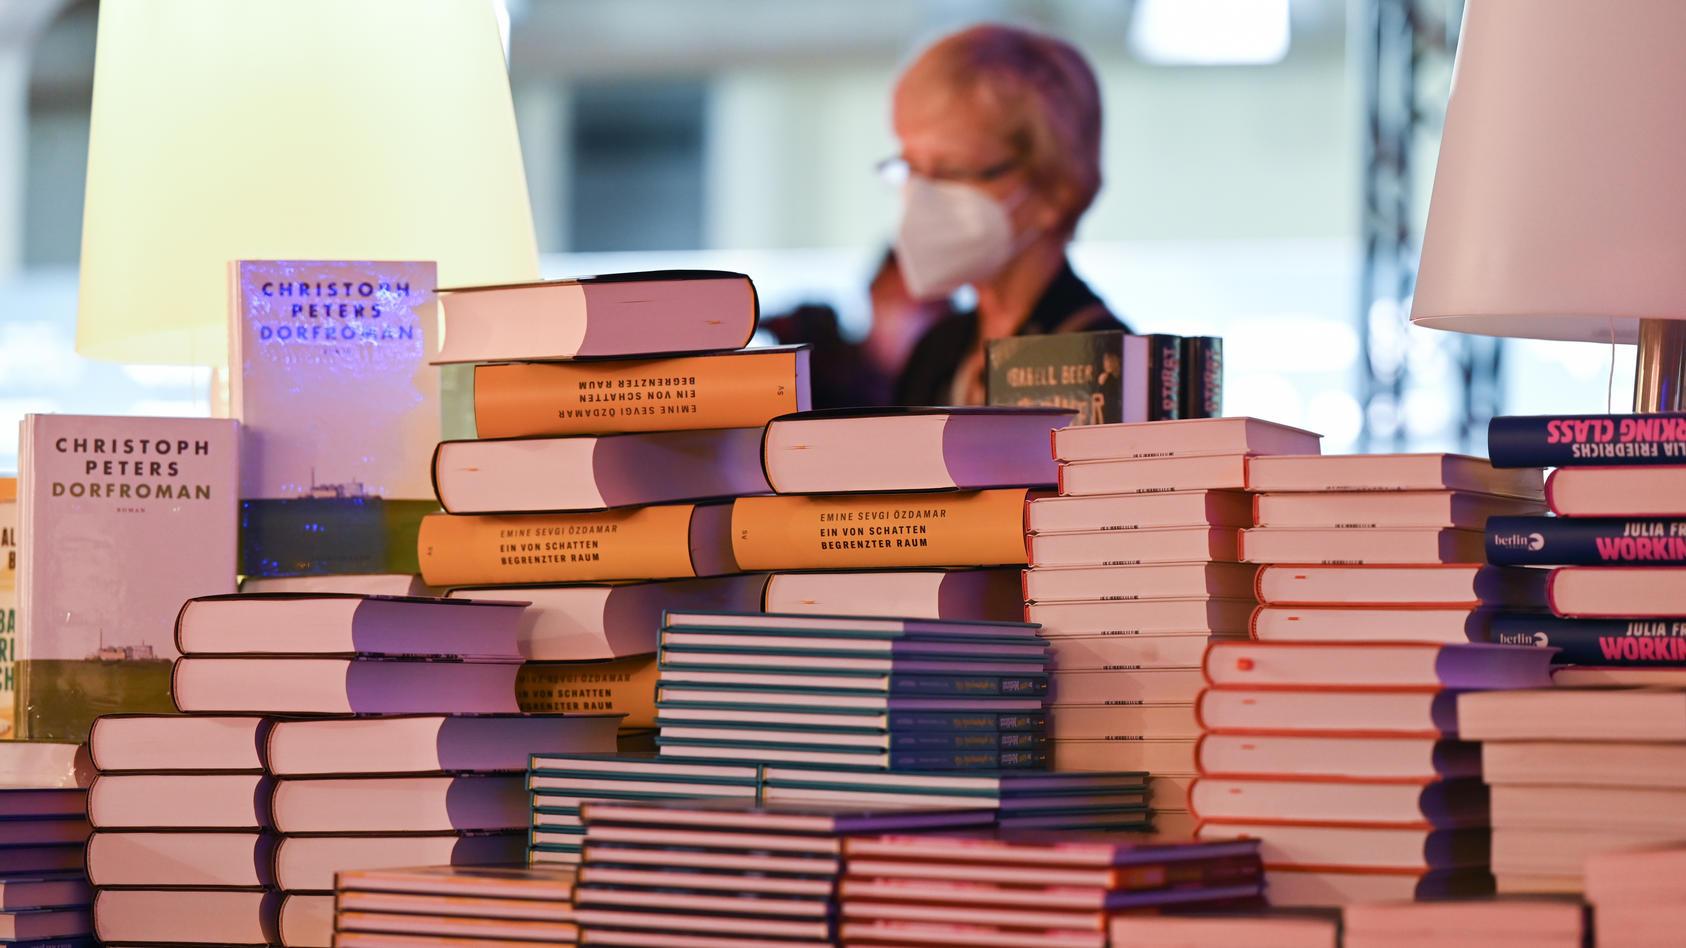 die-corona-pandemie-hat-zu-einem-strukturwandel-in-der-papierindustrie-gefuhrt-unter-dem-nun-die-bucherproduktion-leidet